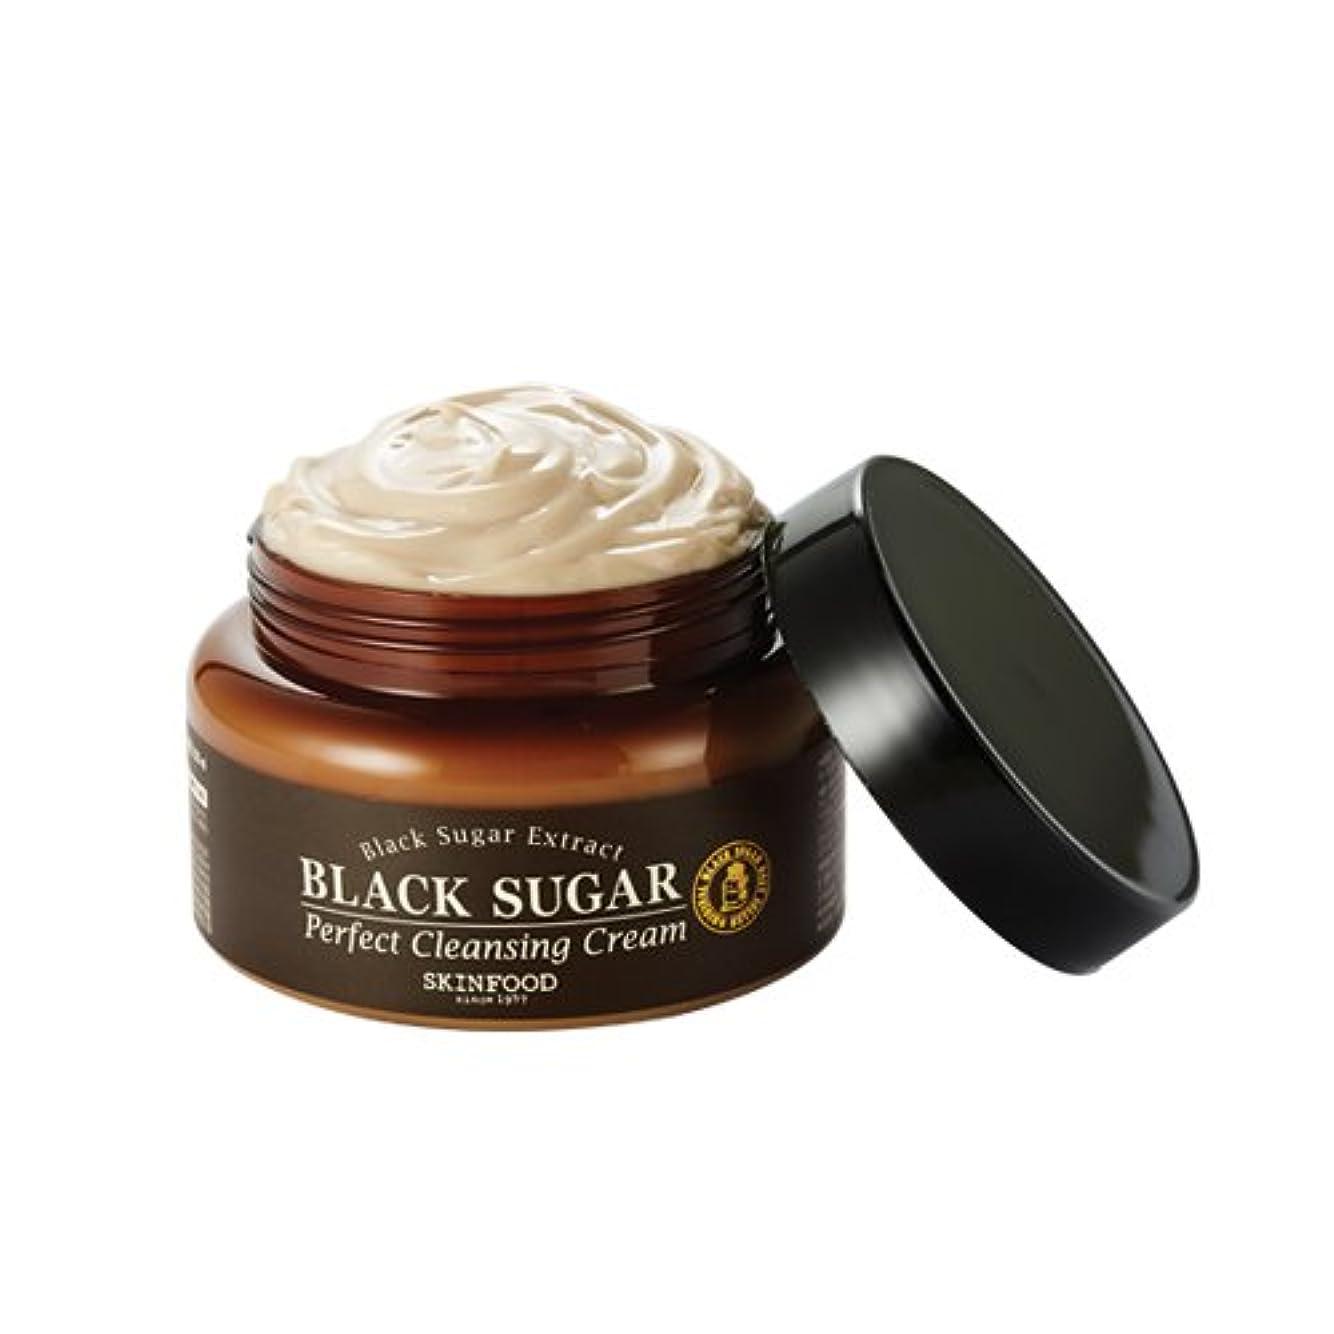 交通パキスタン偽装するSkinfood/Black Sugar Perfect Cleansing Cream/黒糖パーフェクトクレンジングクリーム/230ml [並行輸入品]